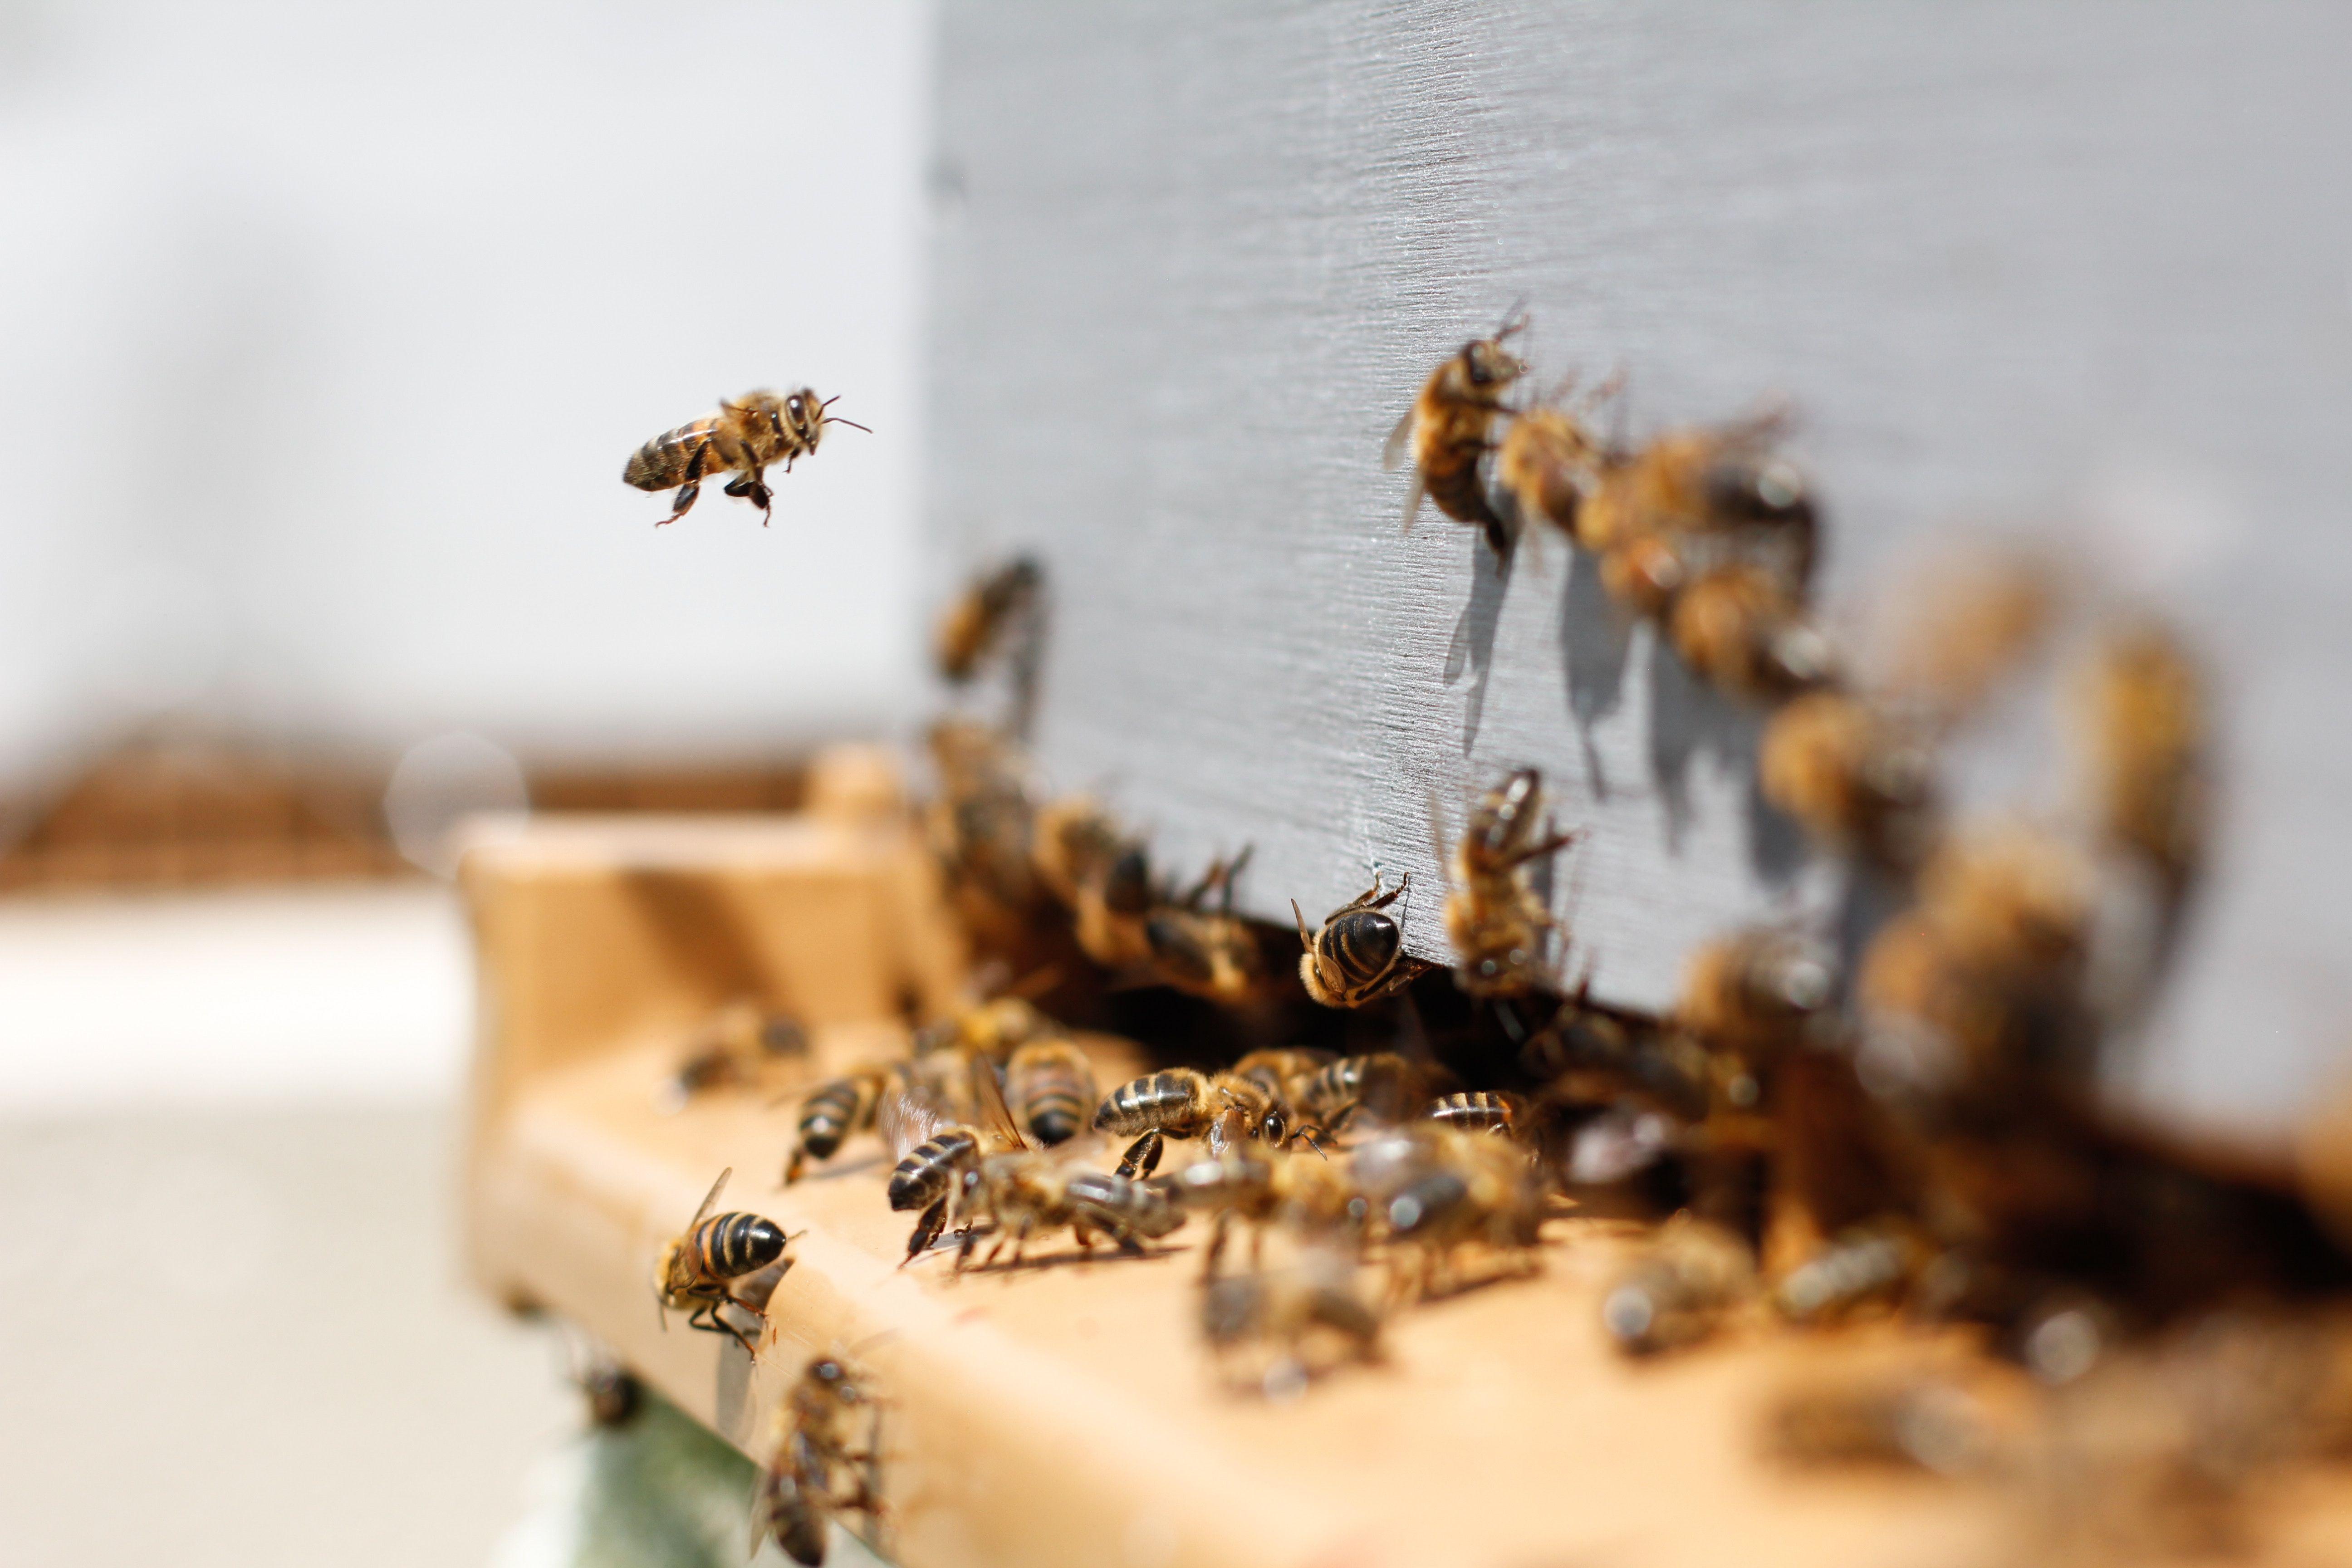 Hochgiftige Pestizide breiten sich in Bayern aus